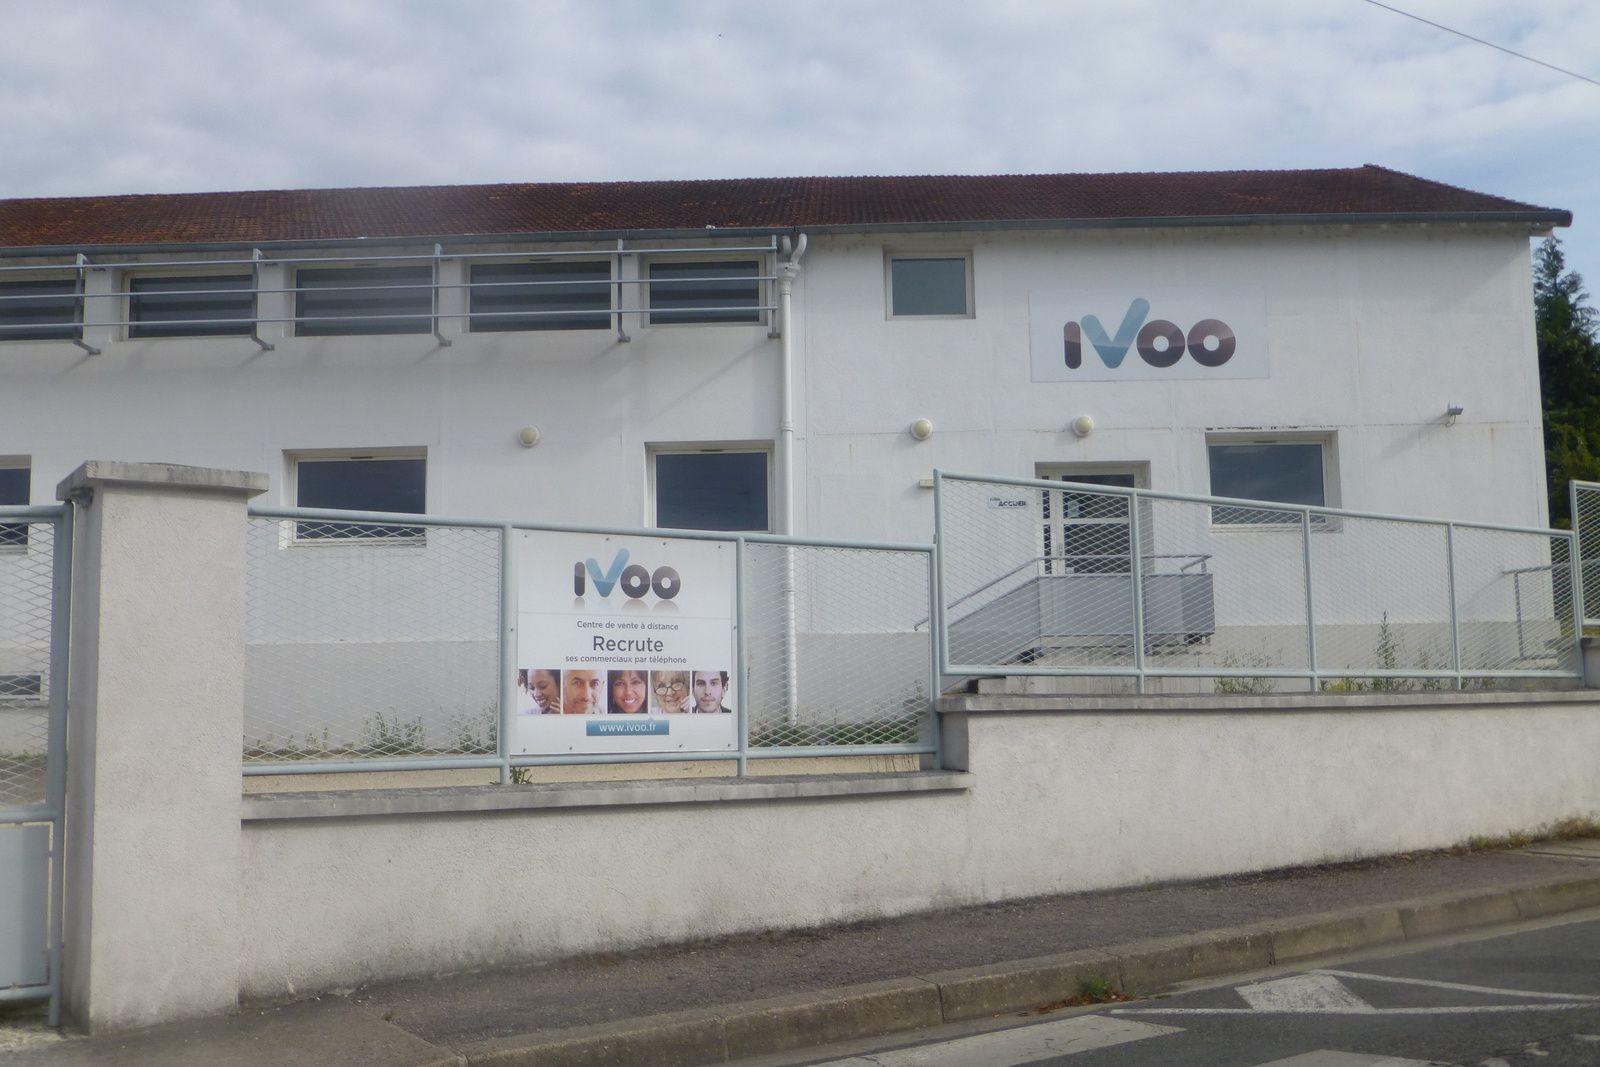 Au fait, vous avez entendu parler de la fermeture d'Ivoo à Vierzon depuis la fin du mois de mai ?